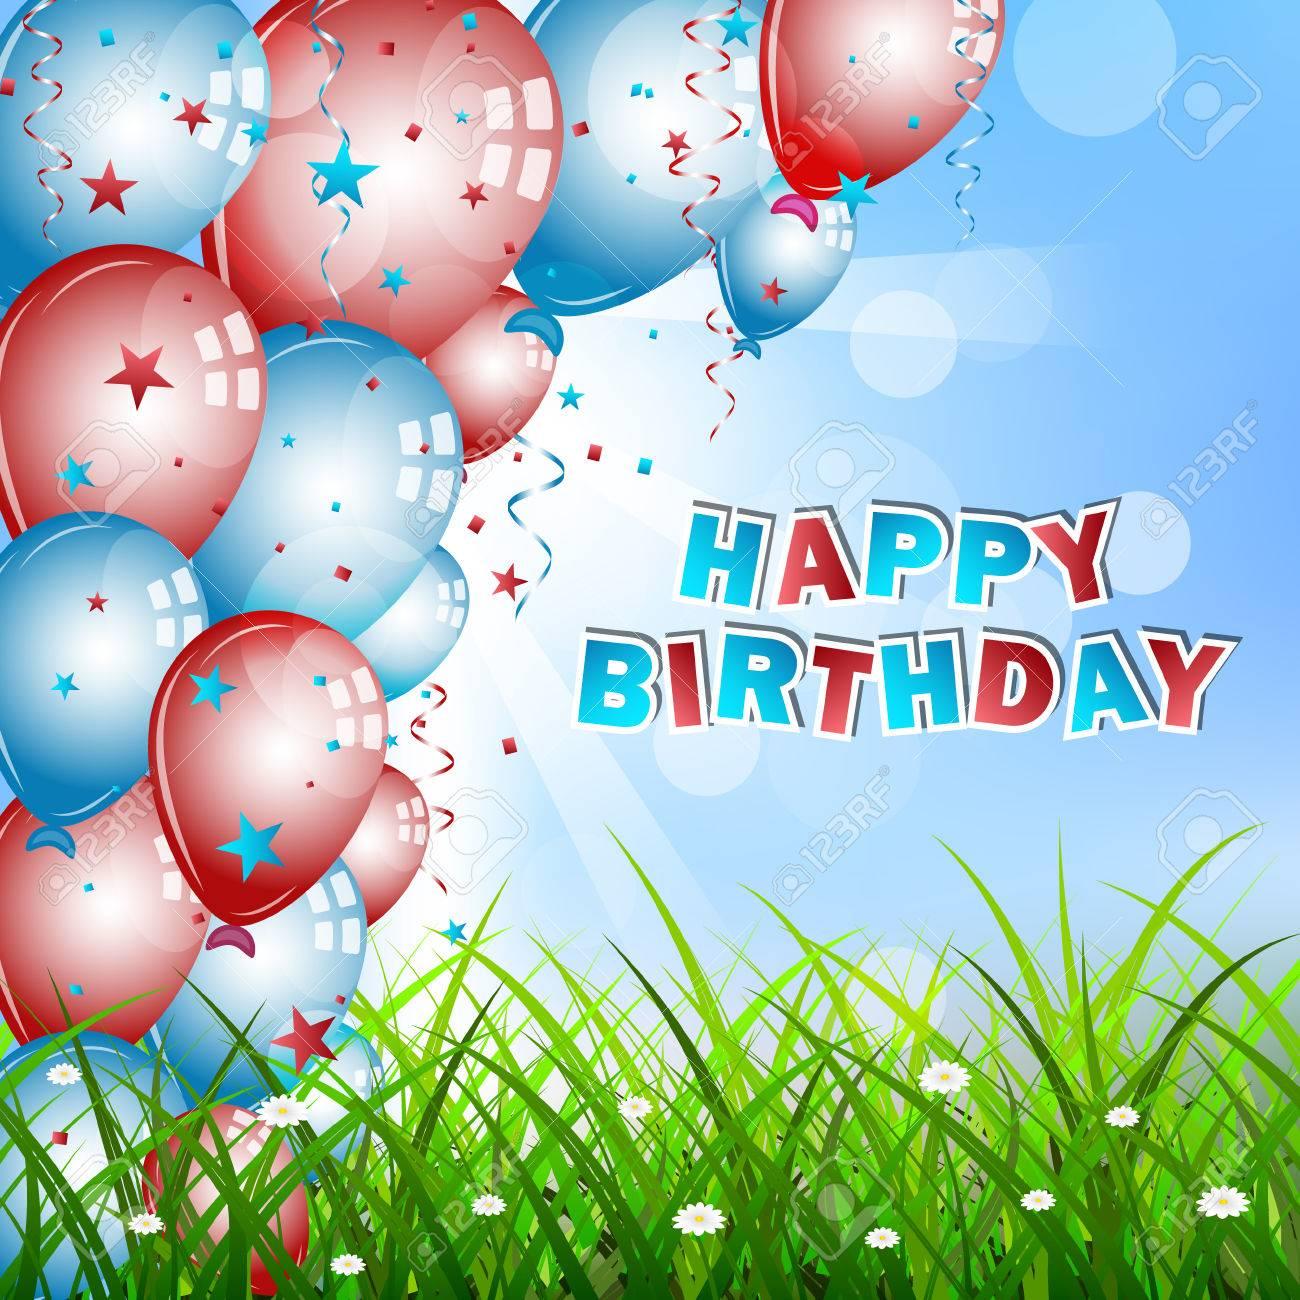 Geburtstagswunsche Mit Luftballons Konfetti Grunes Gras Und Himmel